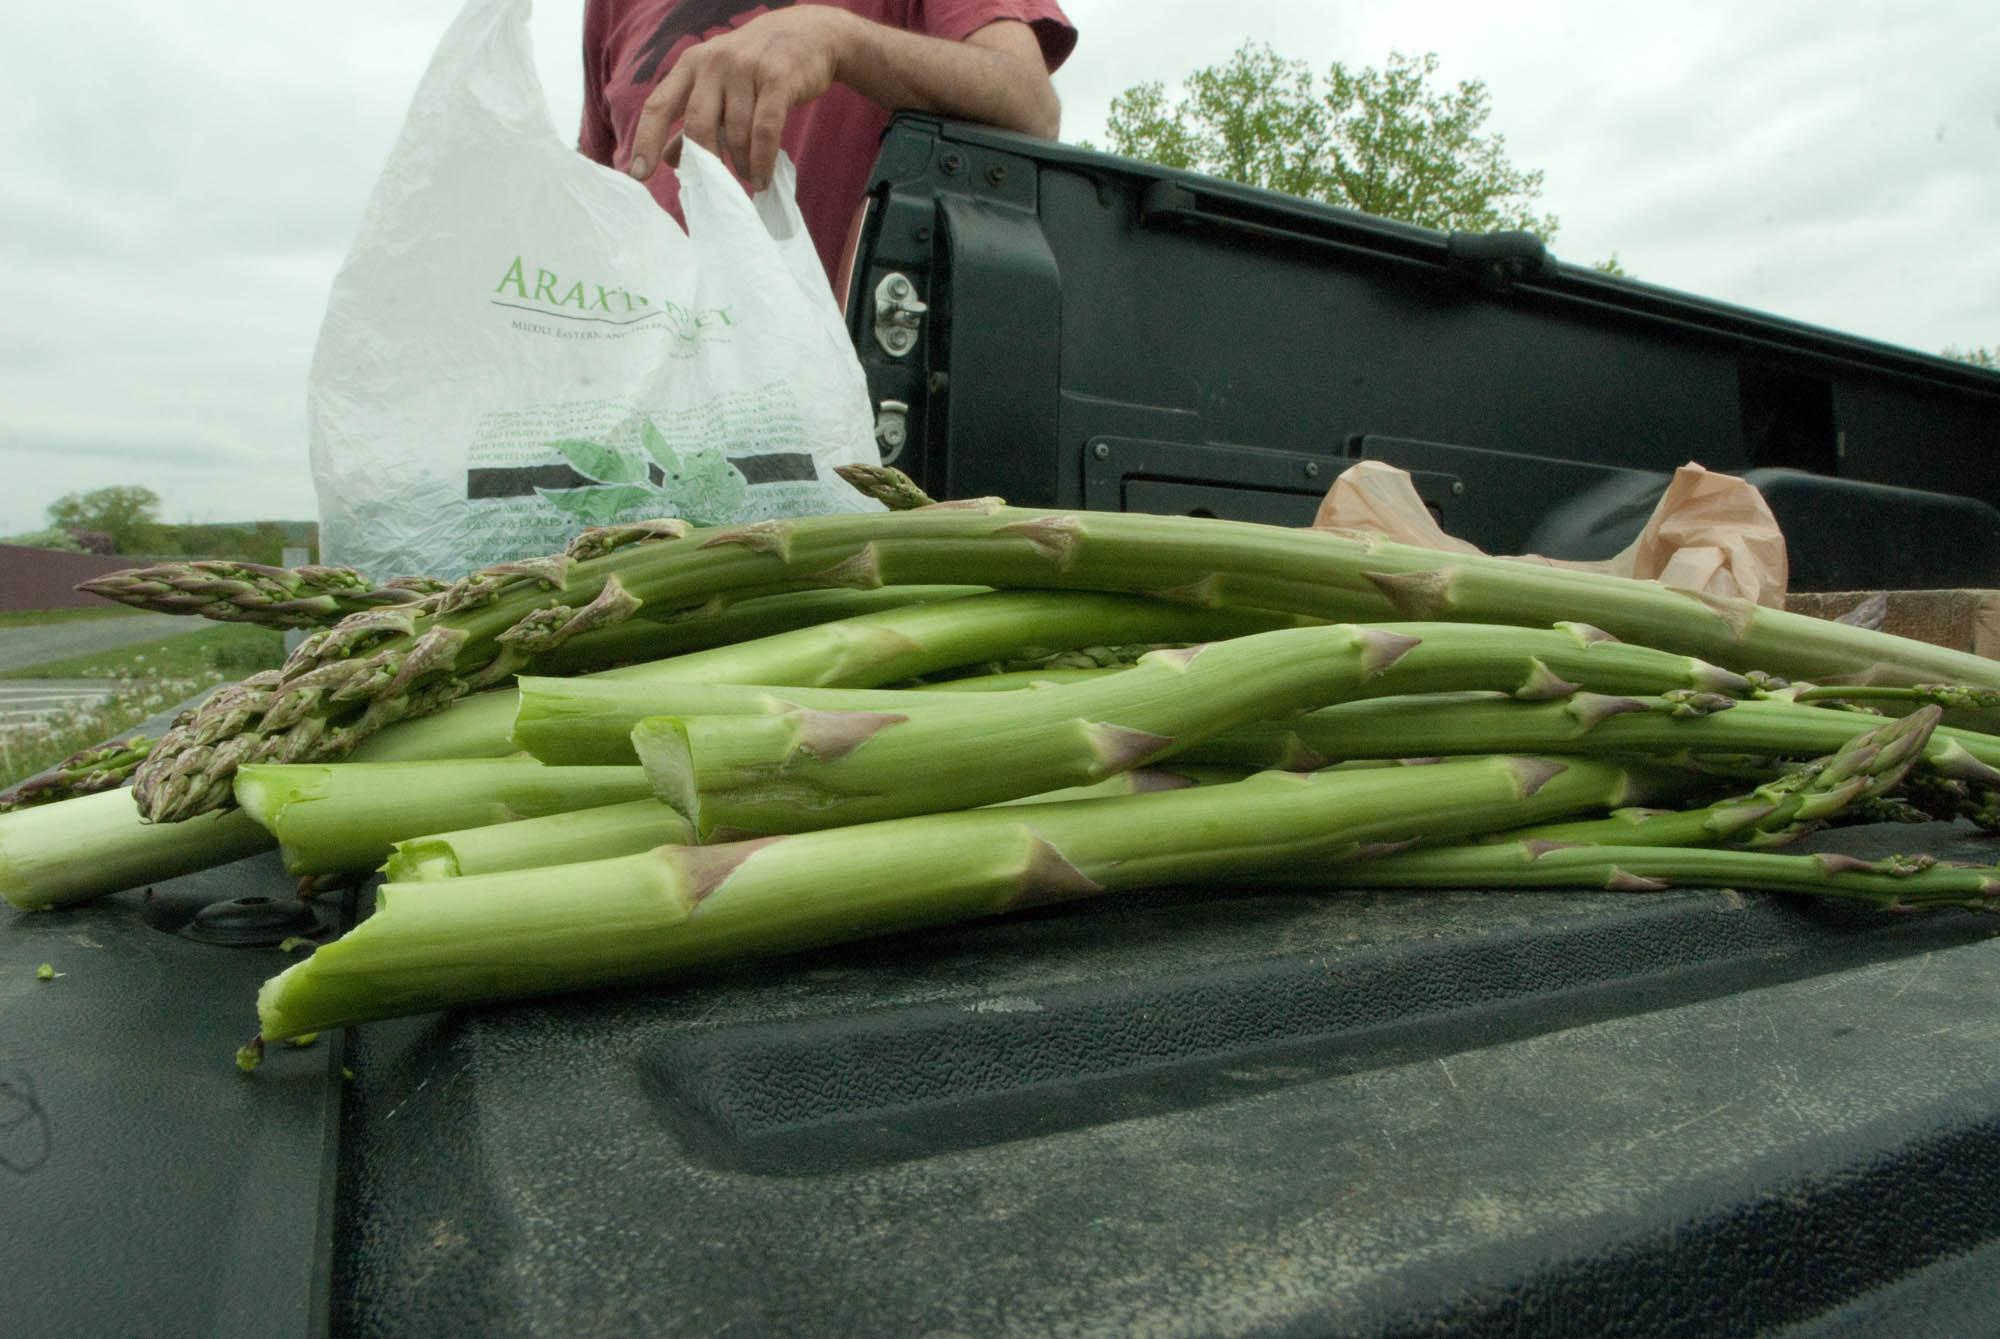 asparagus-5 copy.jpg